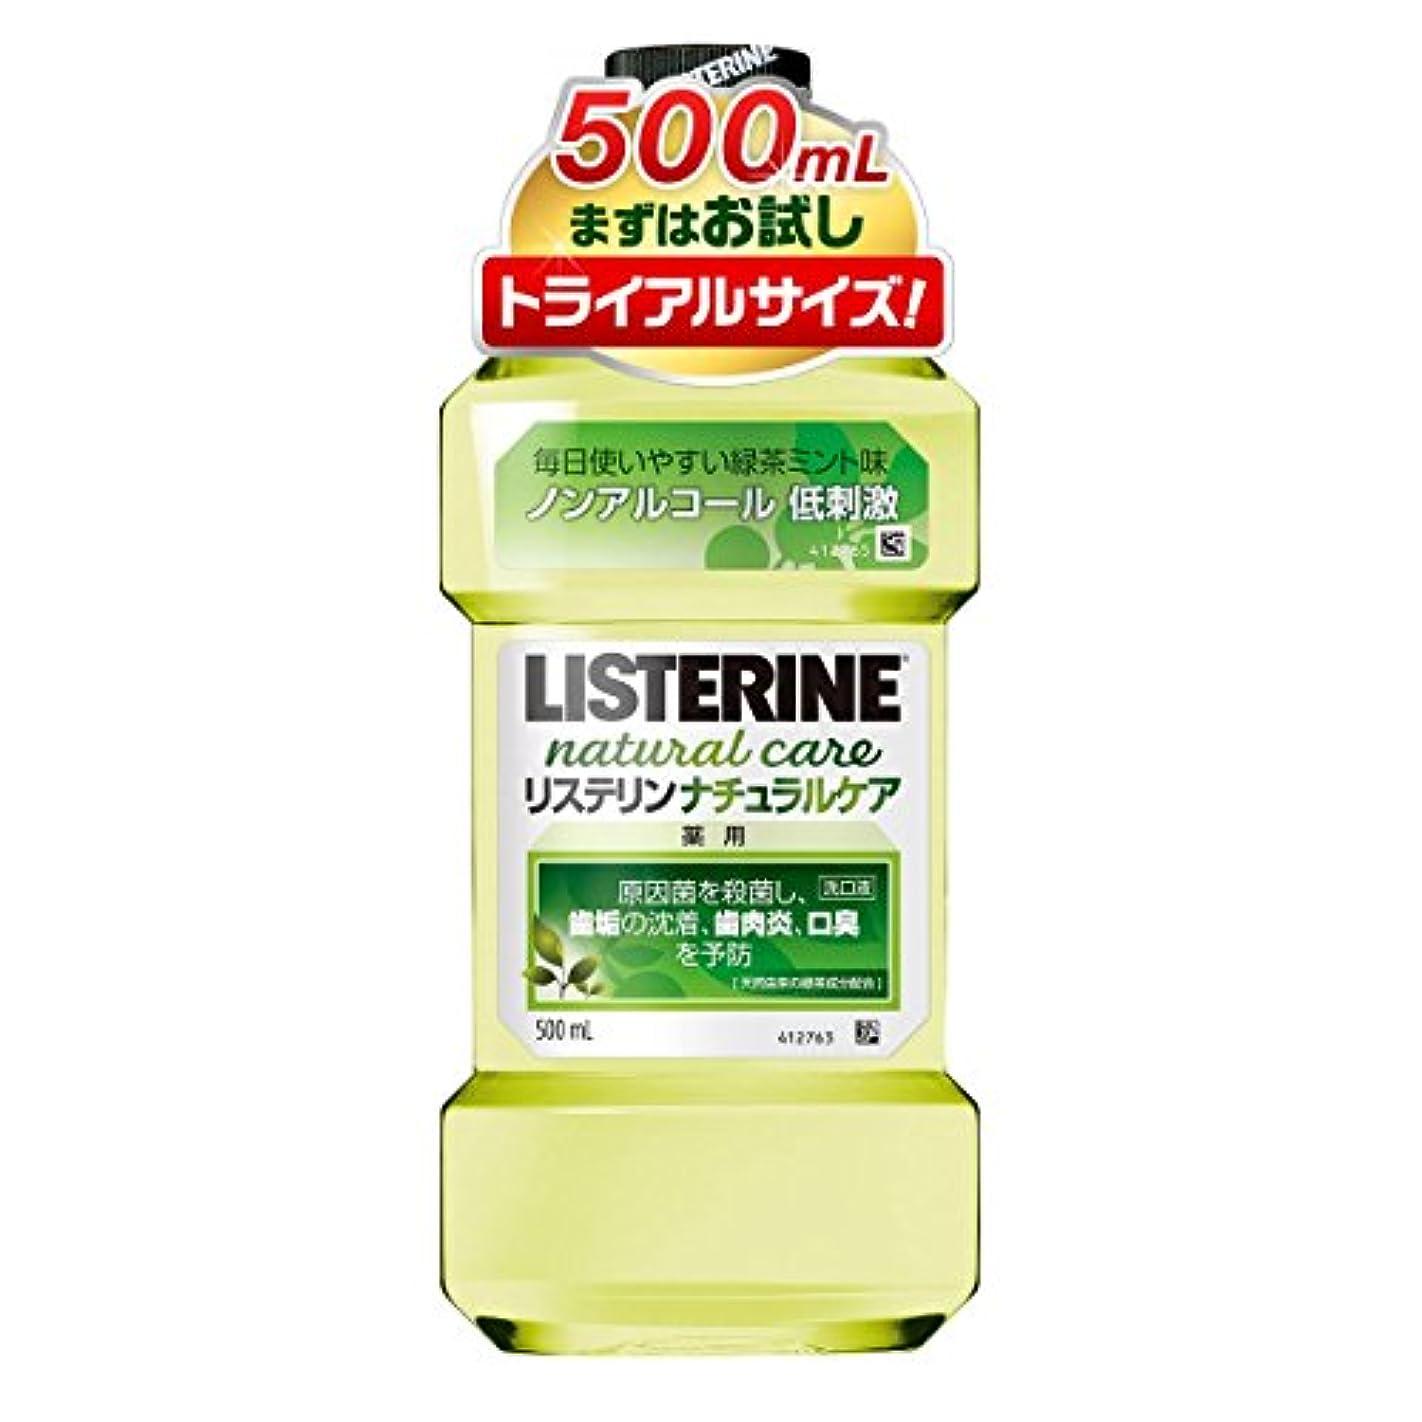 [医薬部外品] 薬用 リステリン マウスウォッシュ ナチュラルケア 500mL ノンアルコールタイプ